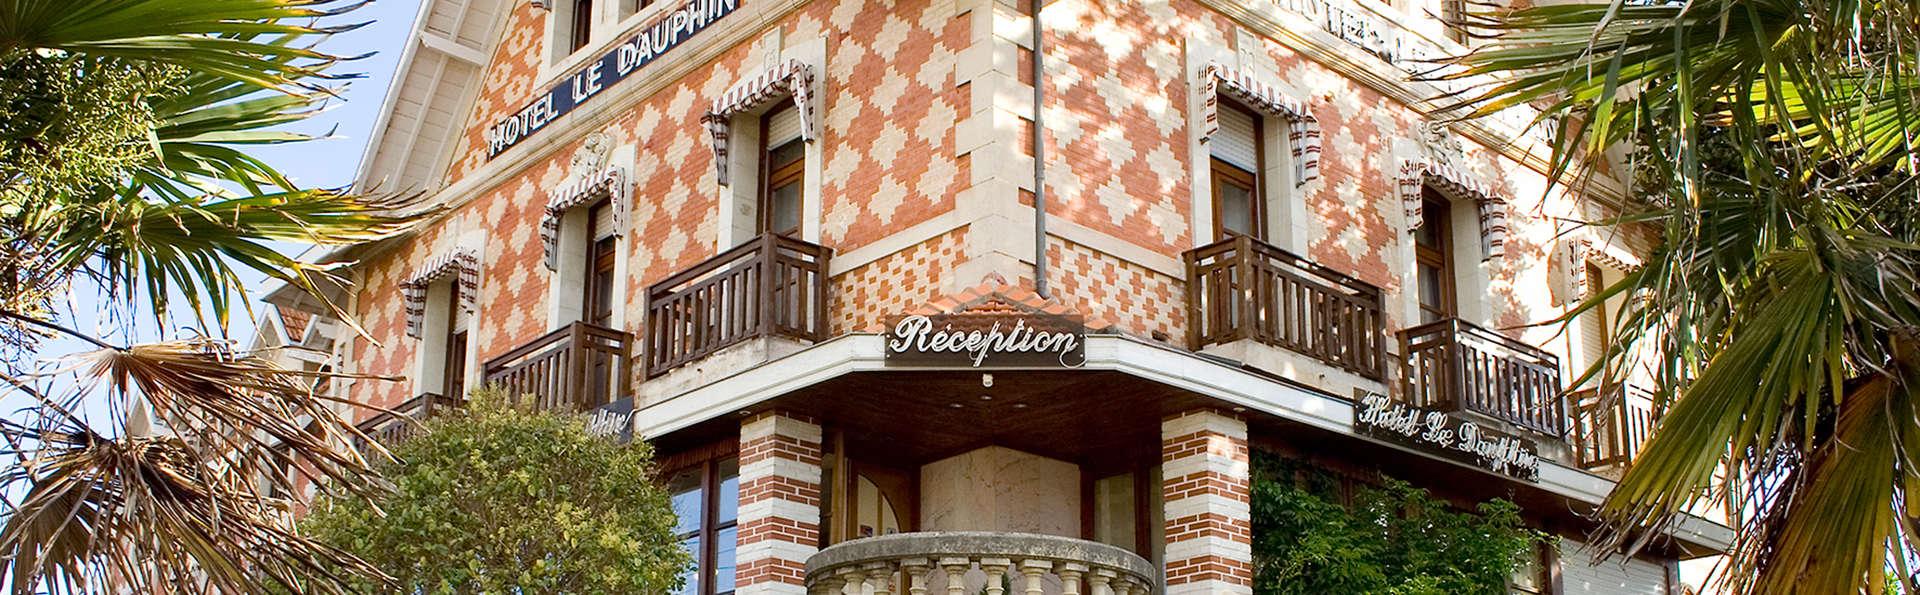 Hôtel Le Dauphin - Arcachon - EDIT_front2.jpg